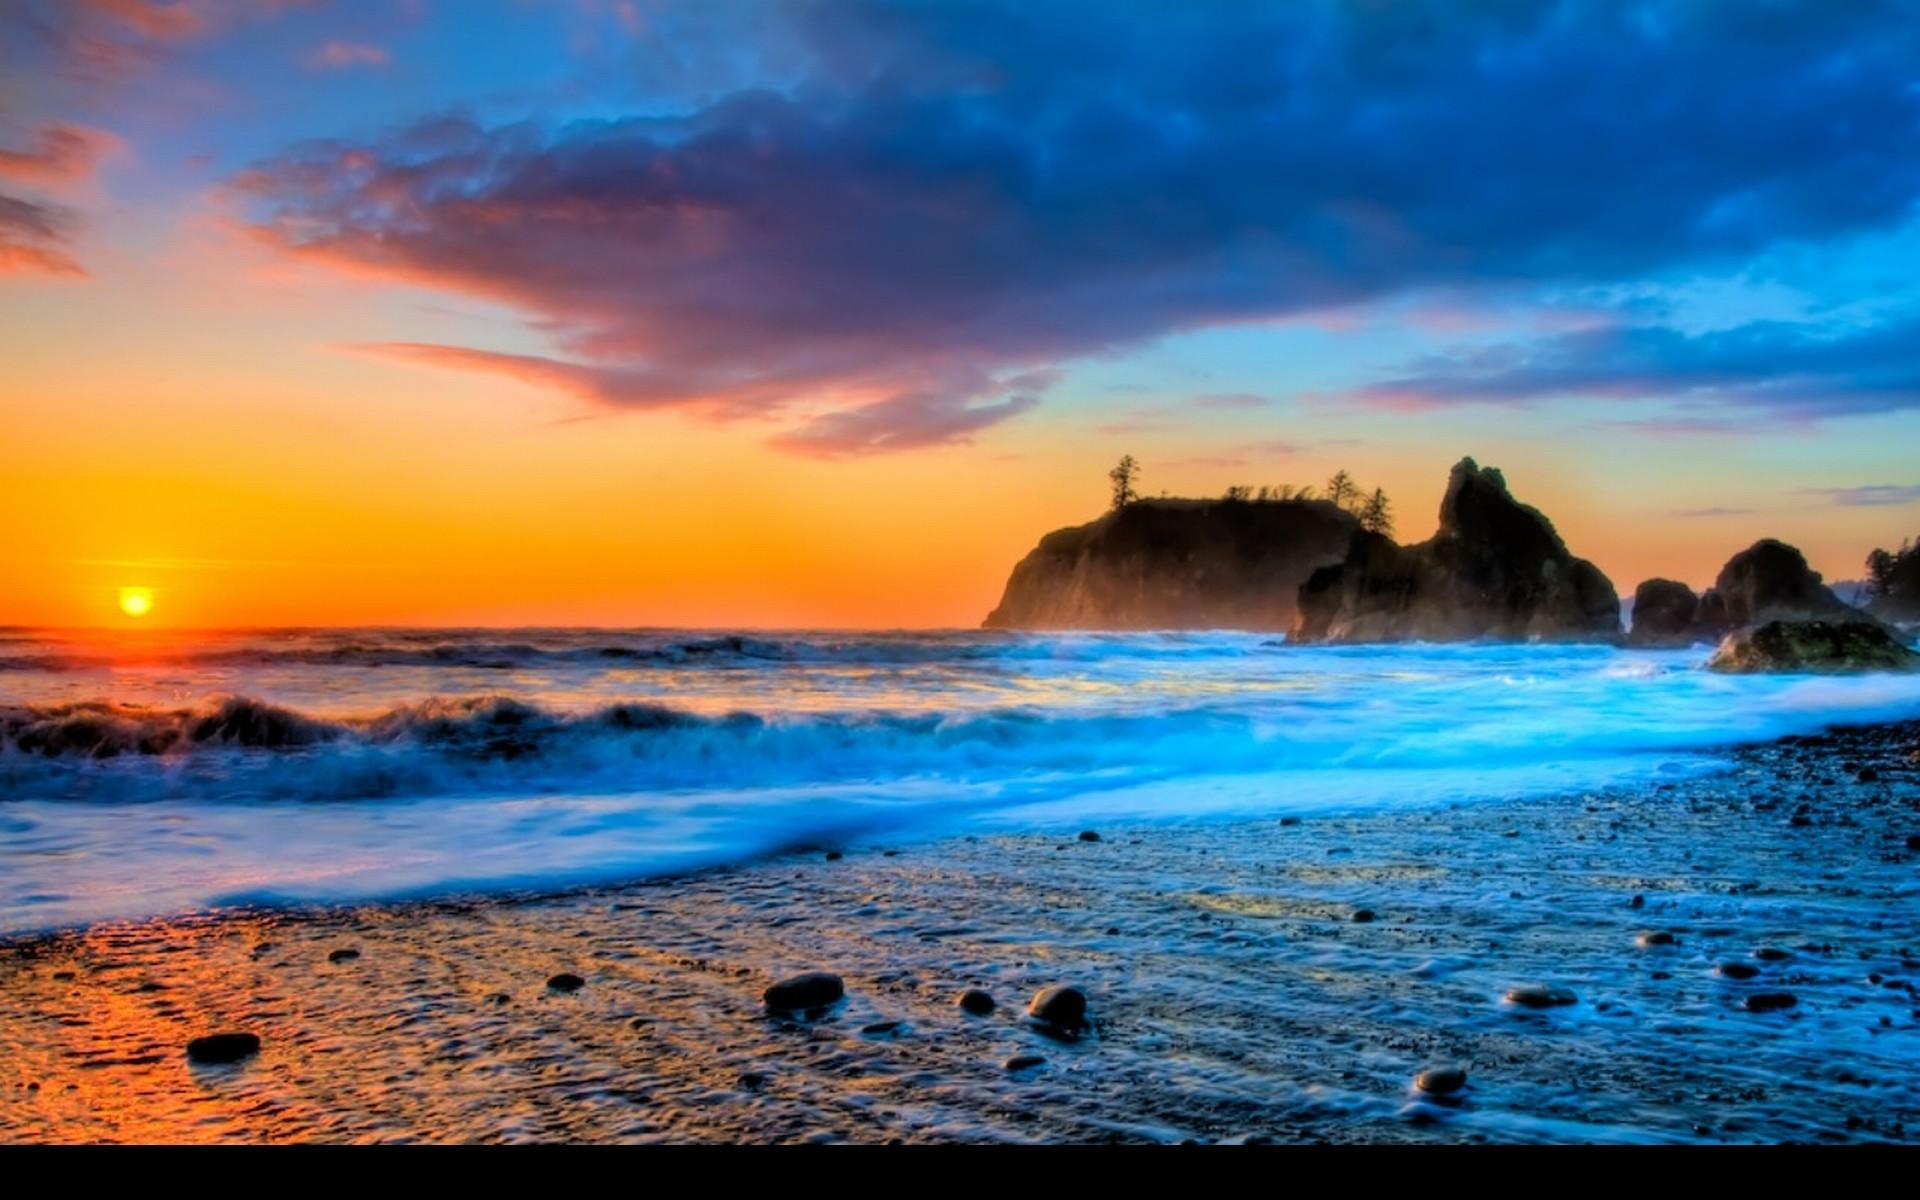 Sunset Beach Wallpaper HD Widescreen